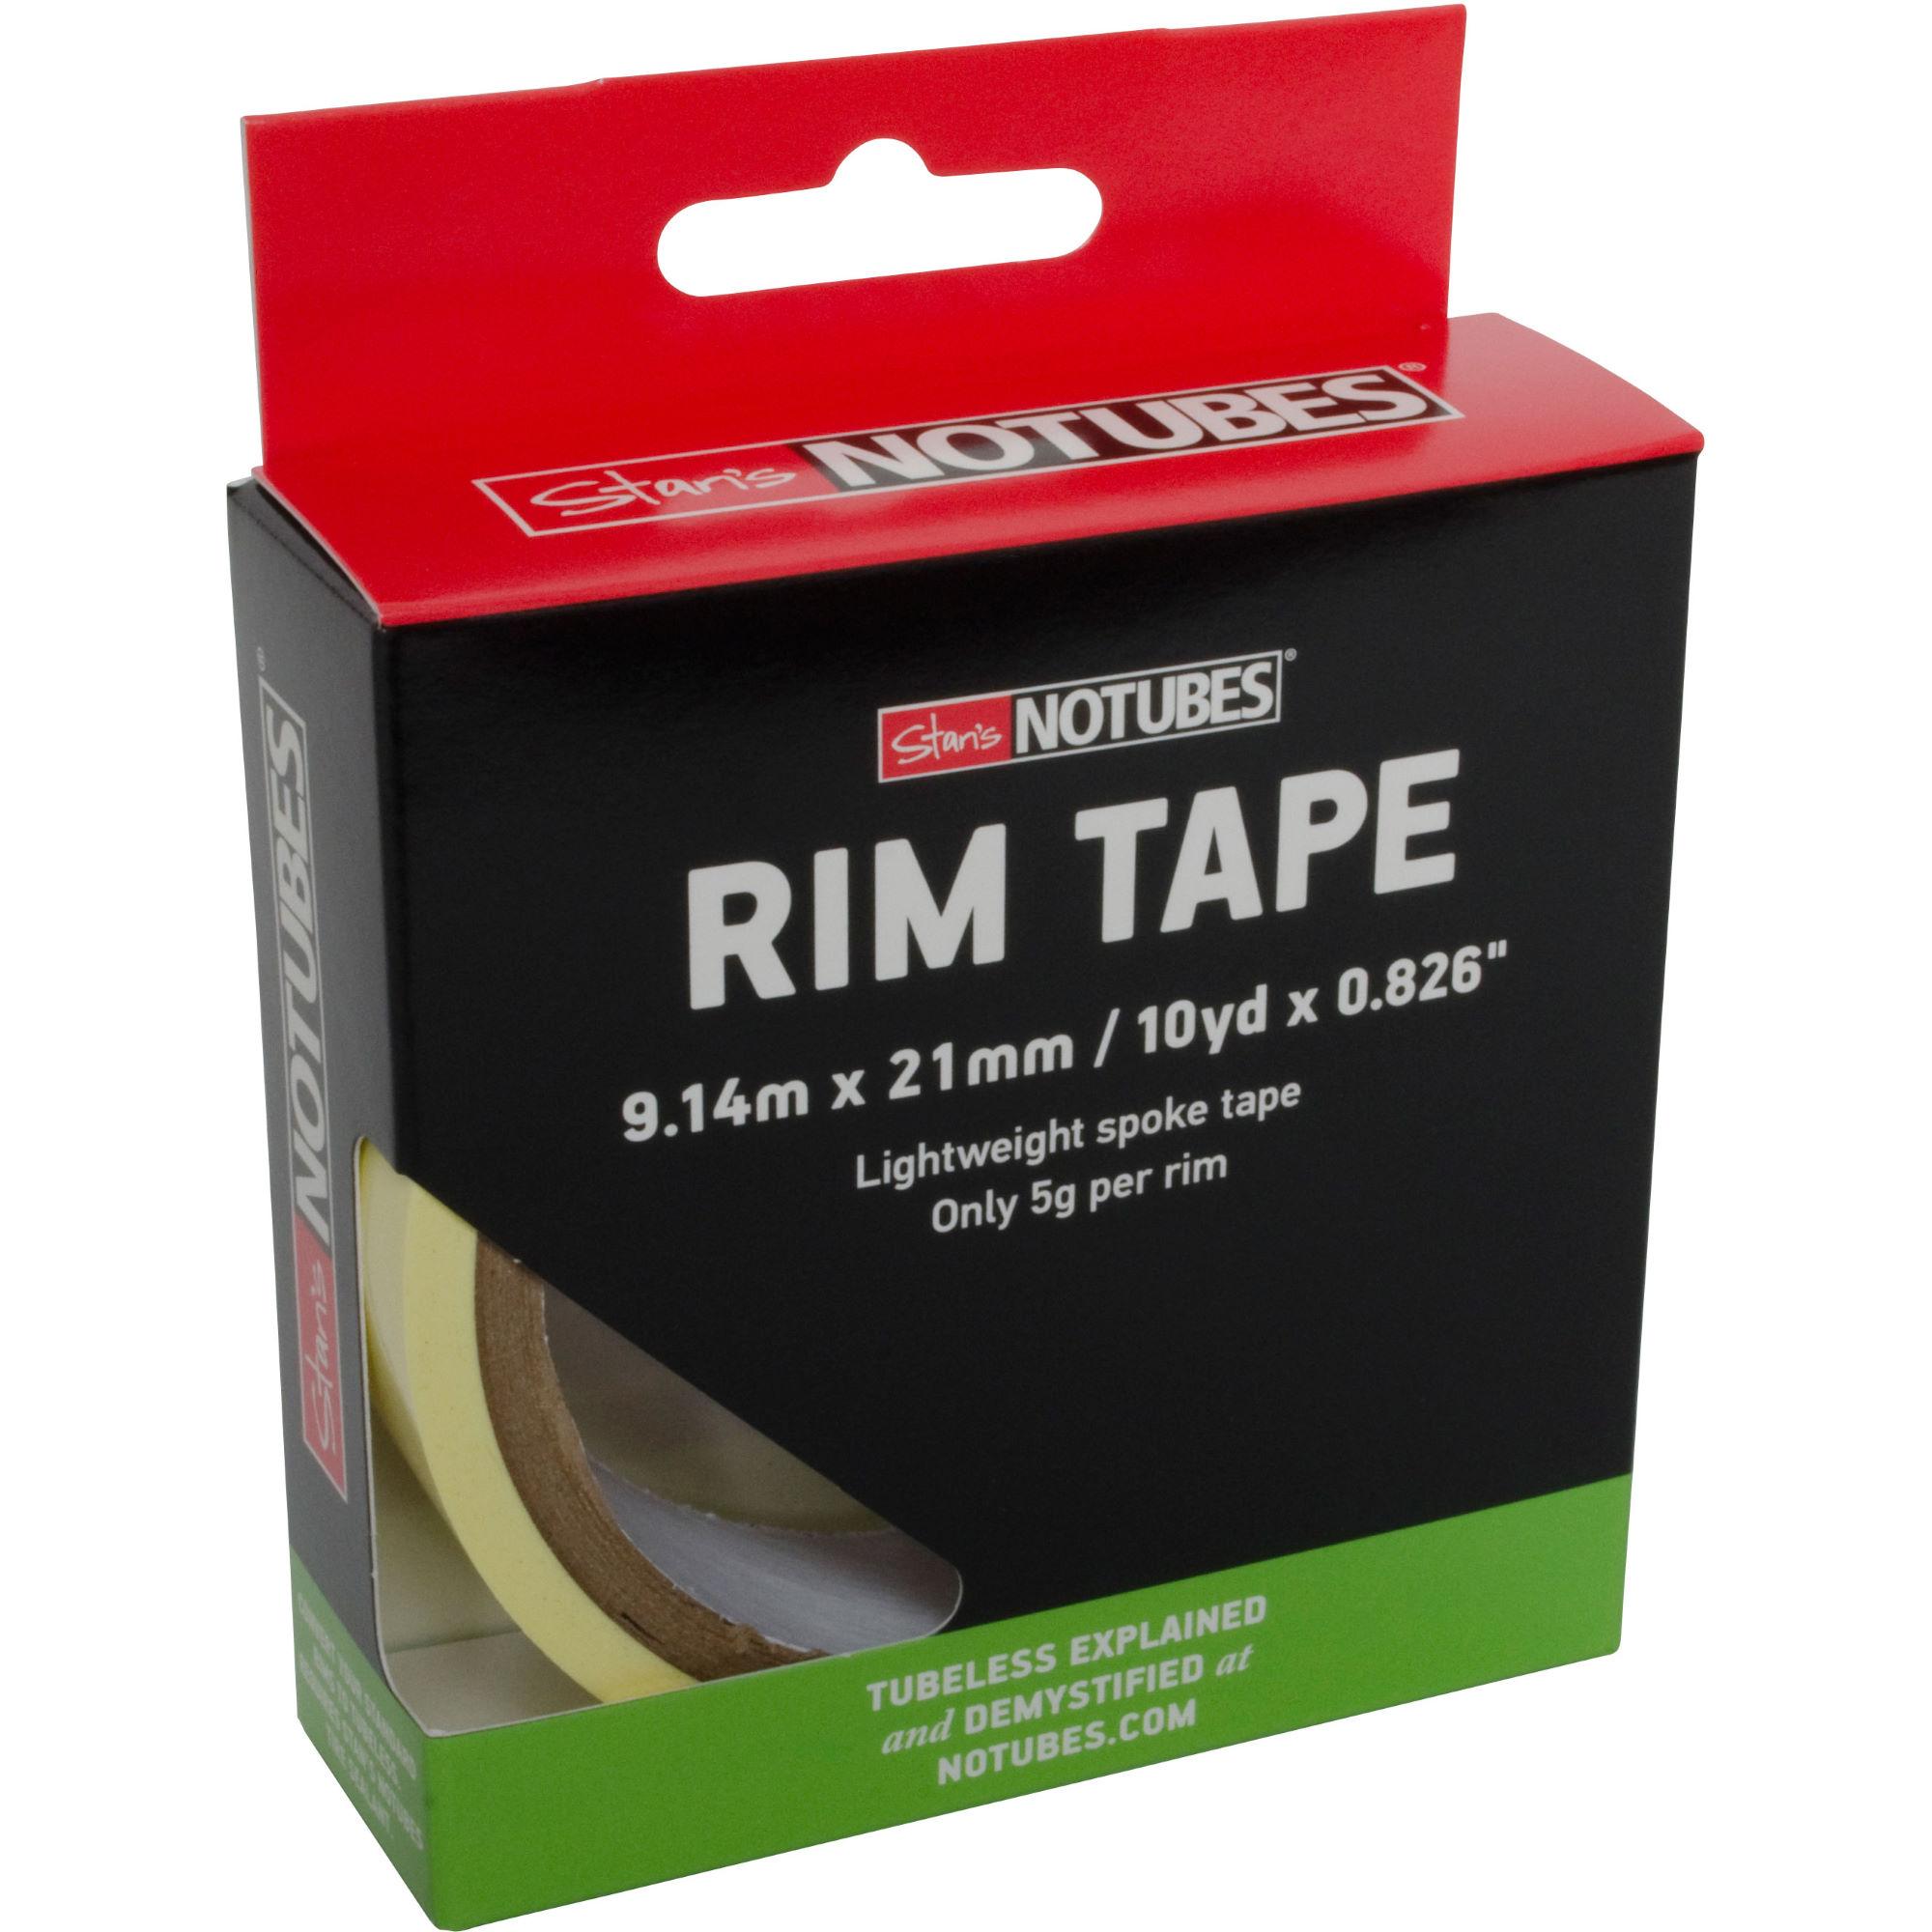 Stans Rim Tape